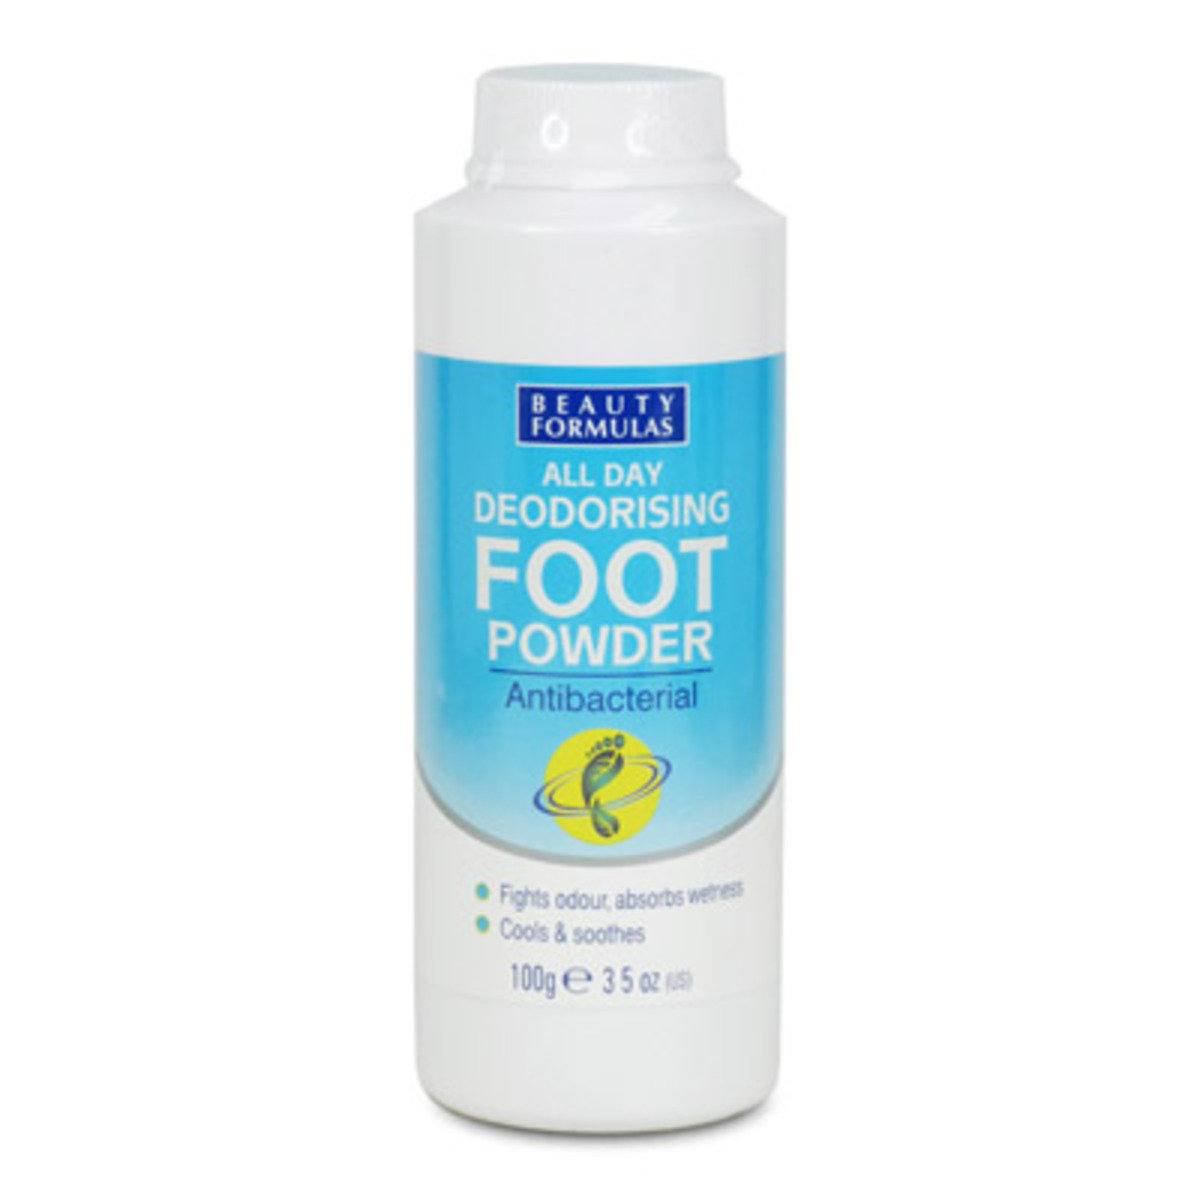 防臭潔足粉